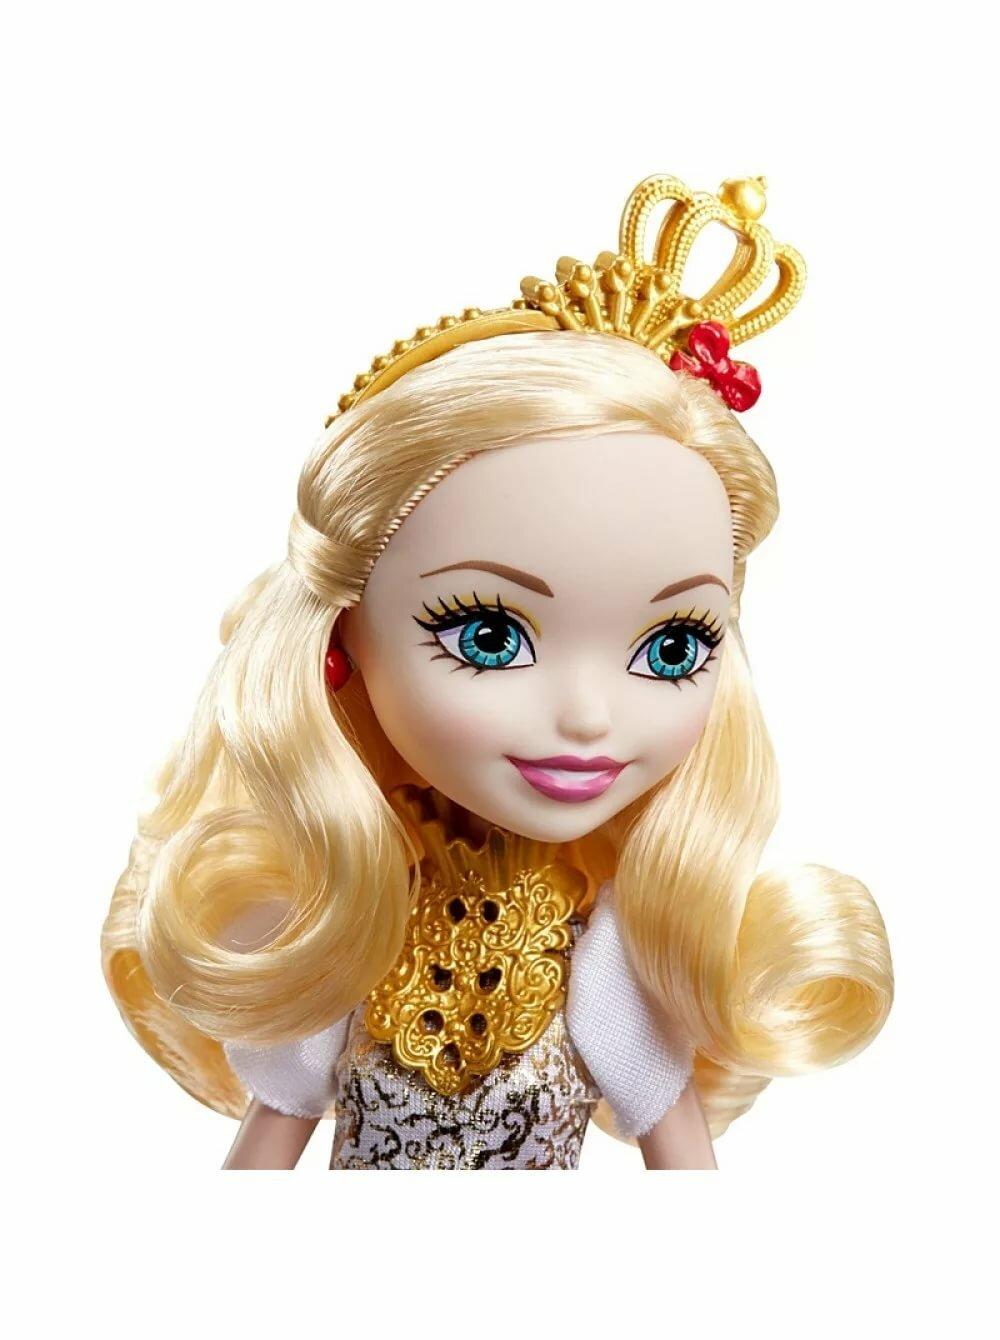 Картинки куклы принцессы эвер афтер хай